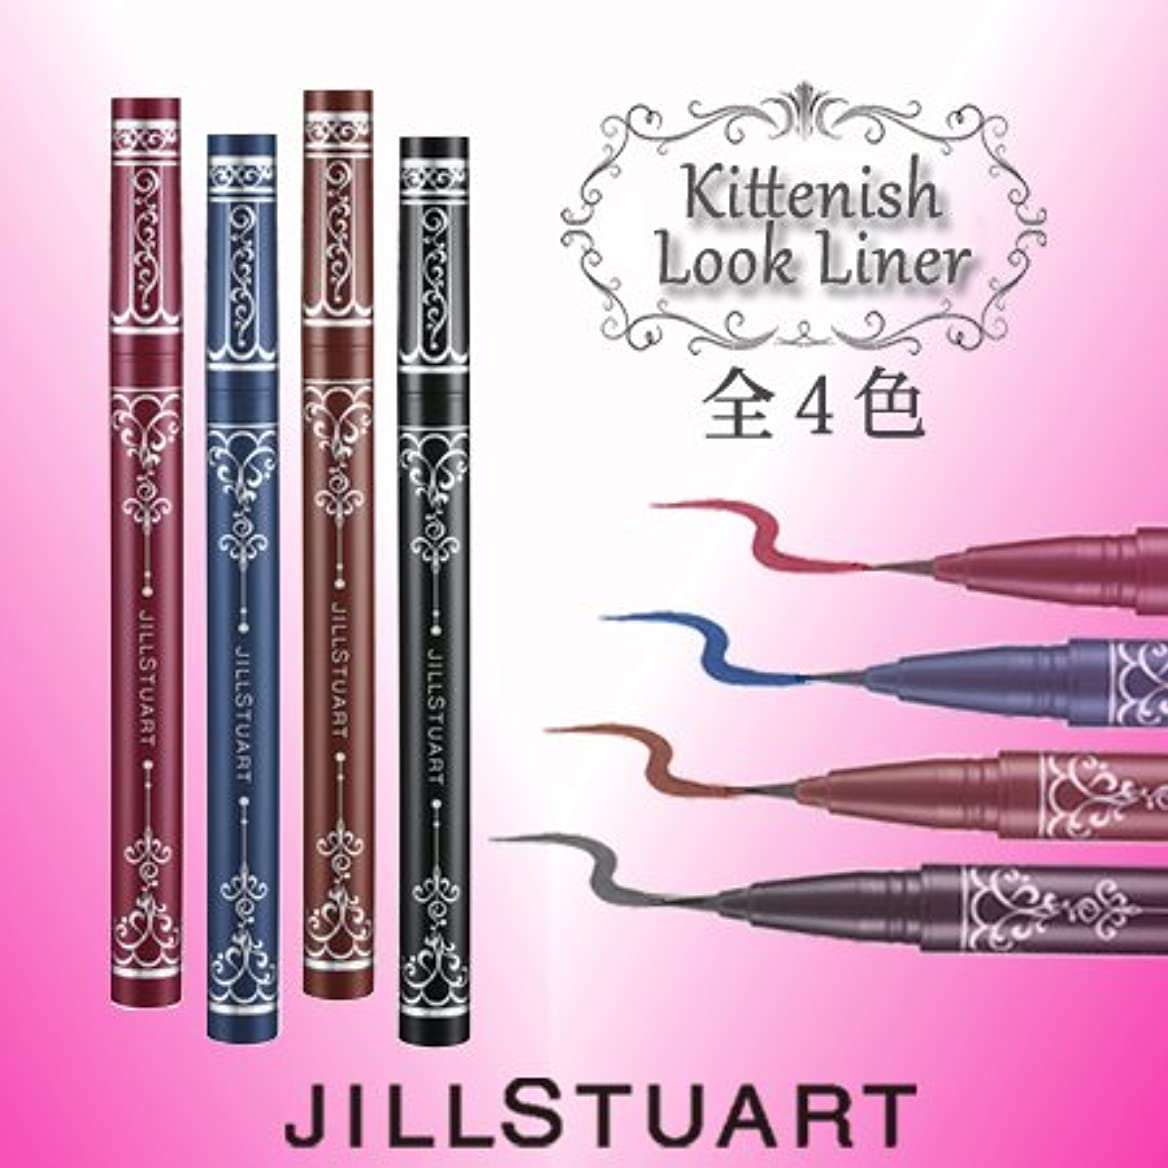 豊かな予想する逆説ジルスチュアート キトゥンアイズ ライナー -JILLSTUART- 01 black kitten